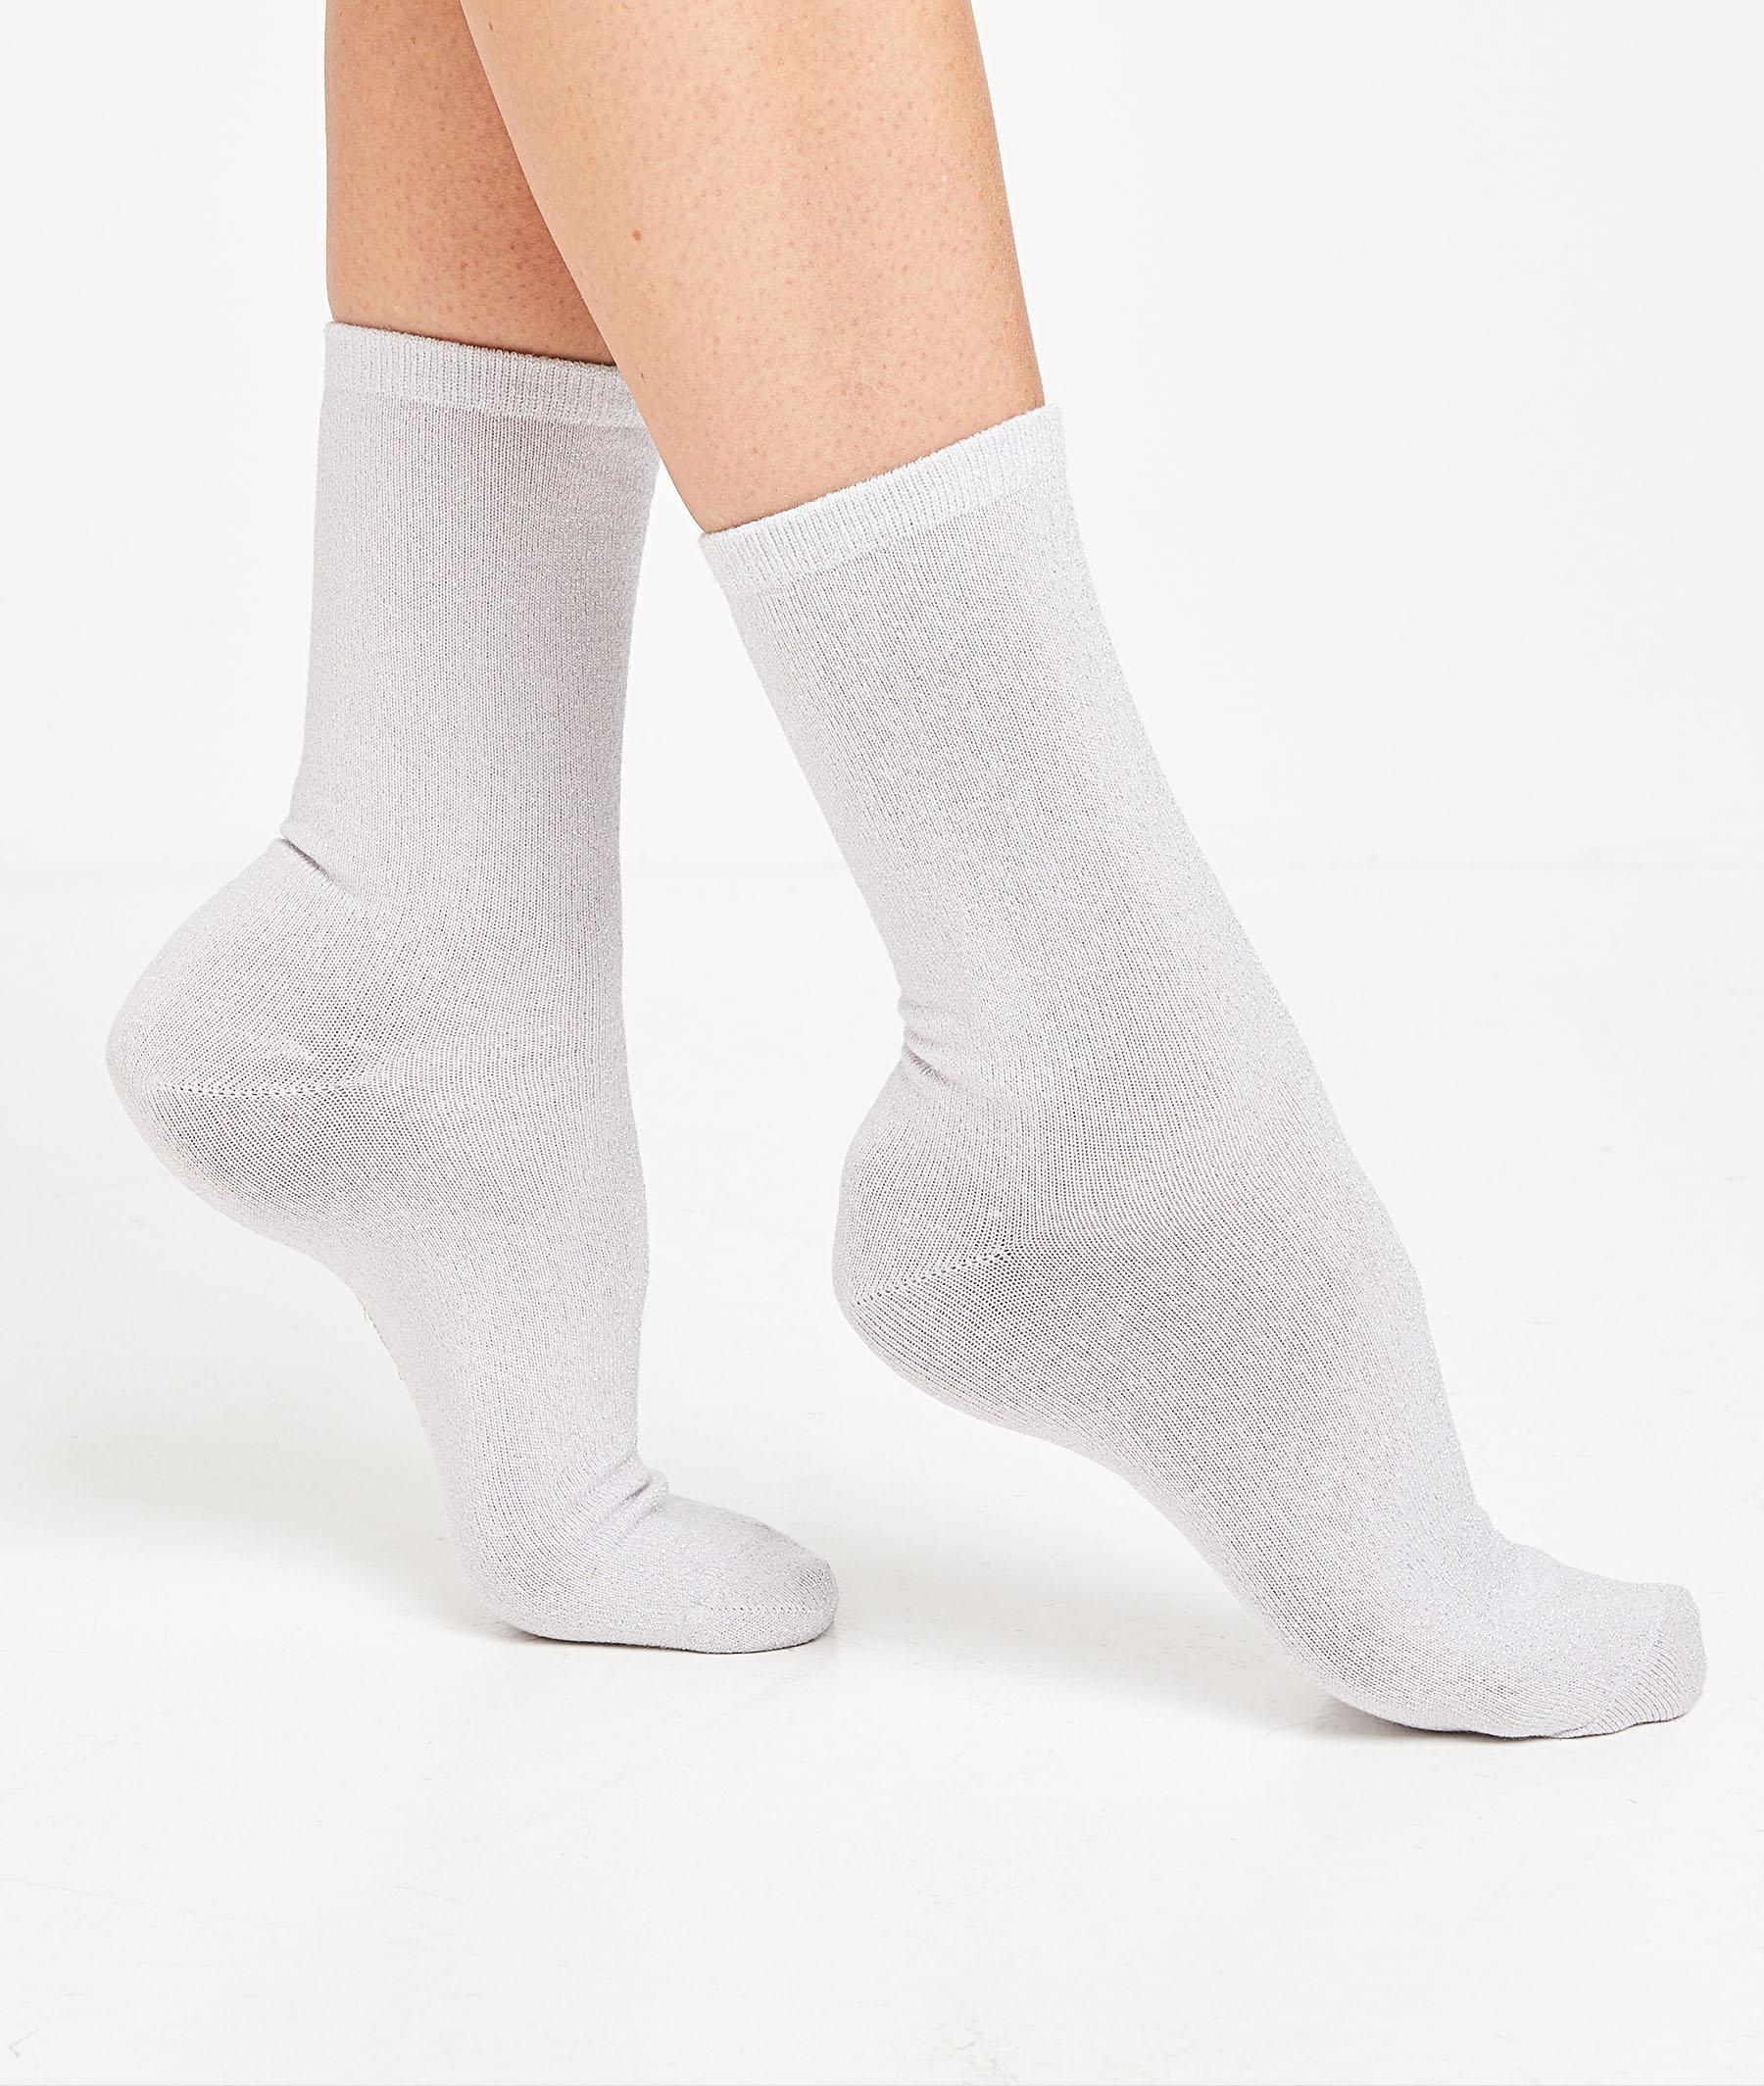 Lot de 2 paires de chaussettes femme LILAS